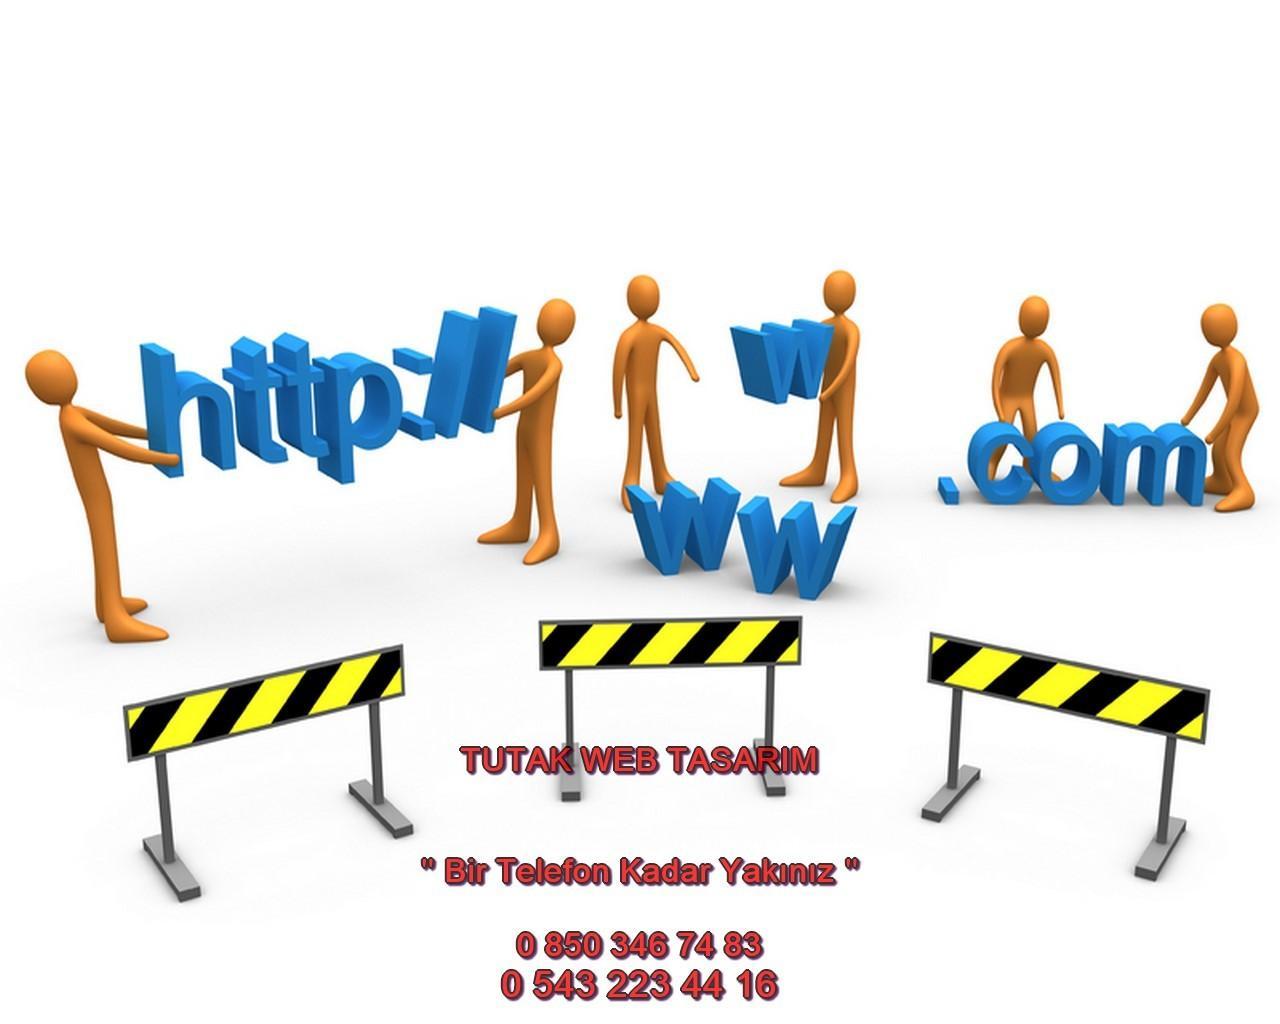 Tutak Web Tasarım